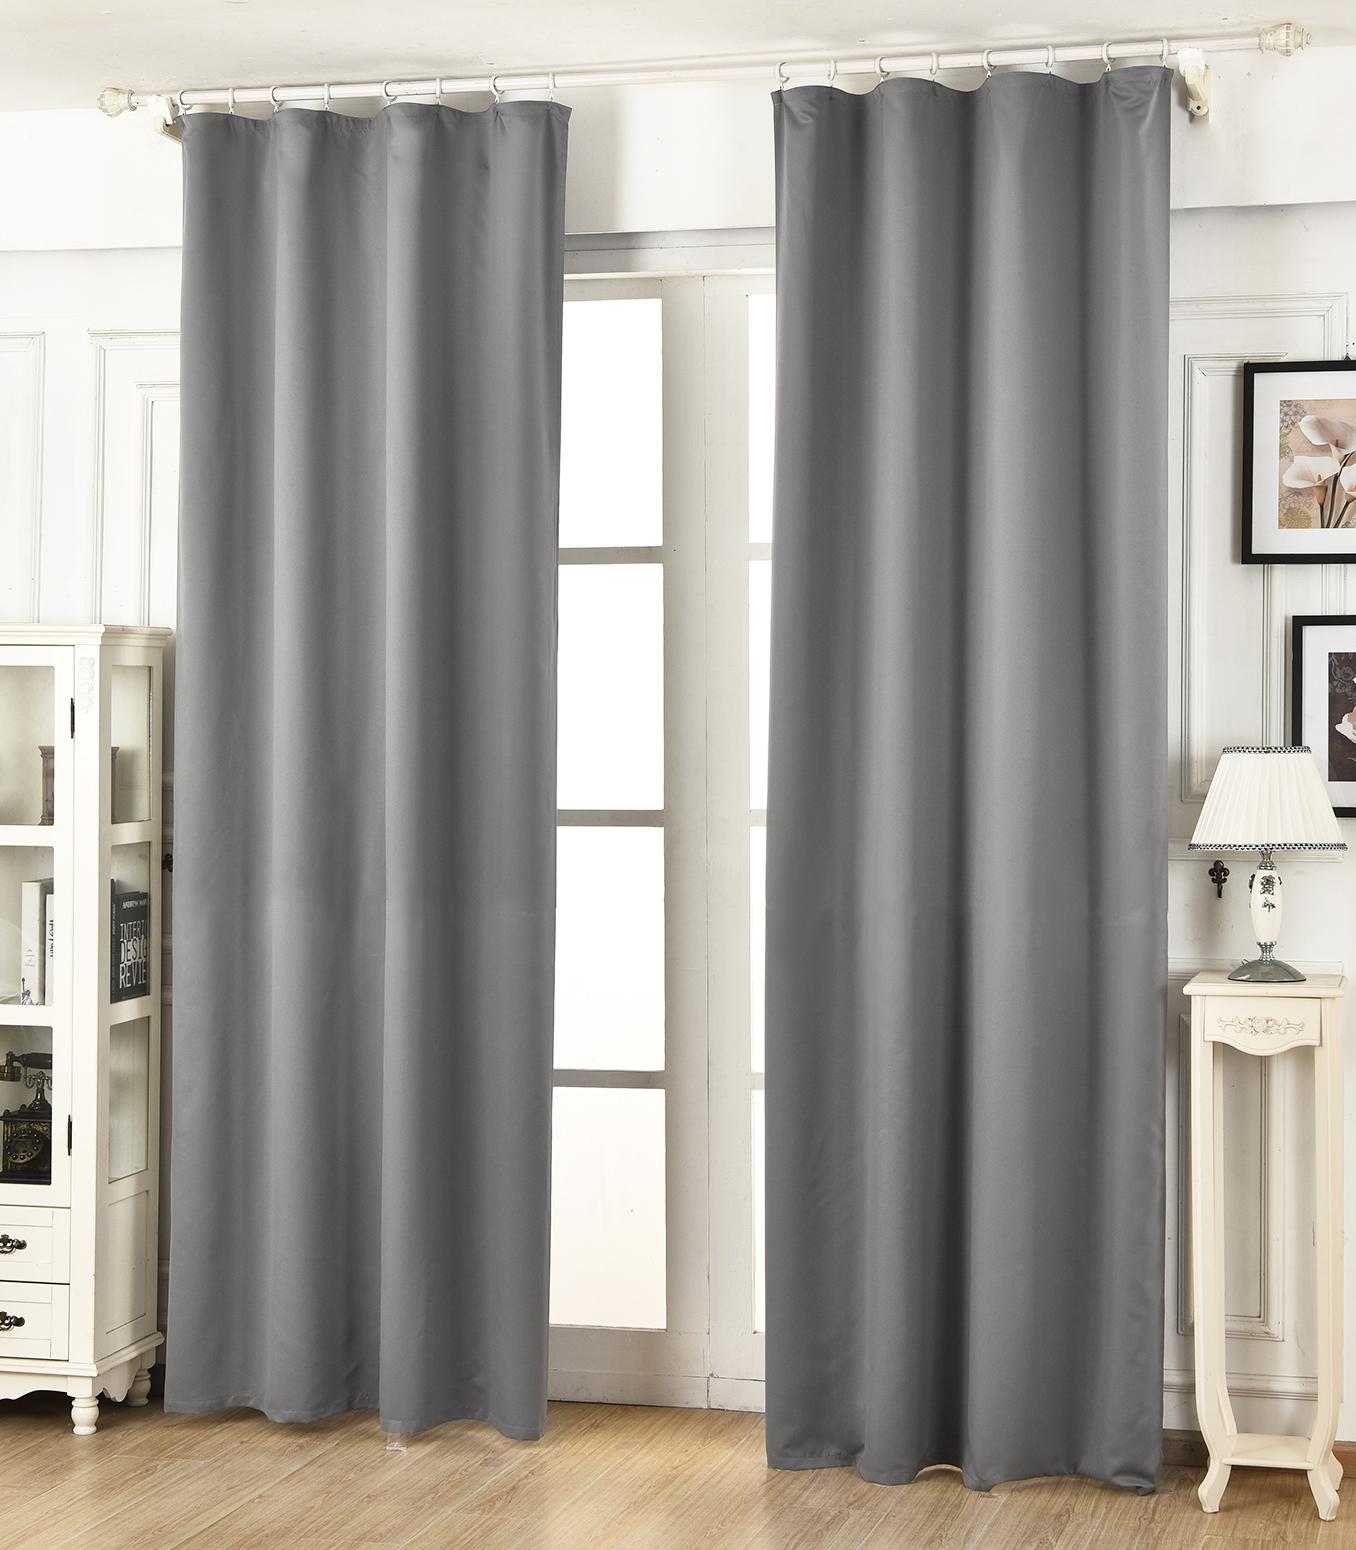 gardinen deko gardinen aufh ngen kr uselband gardinen dekoration verbessern ihr zimmer shade. Black Bedroom Furniture Sets. Home Design Ideas